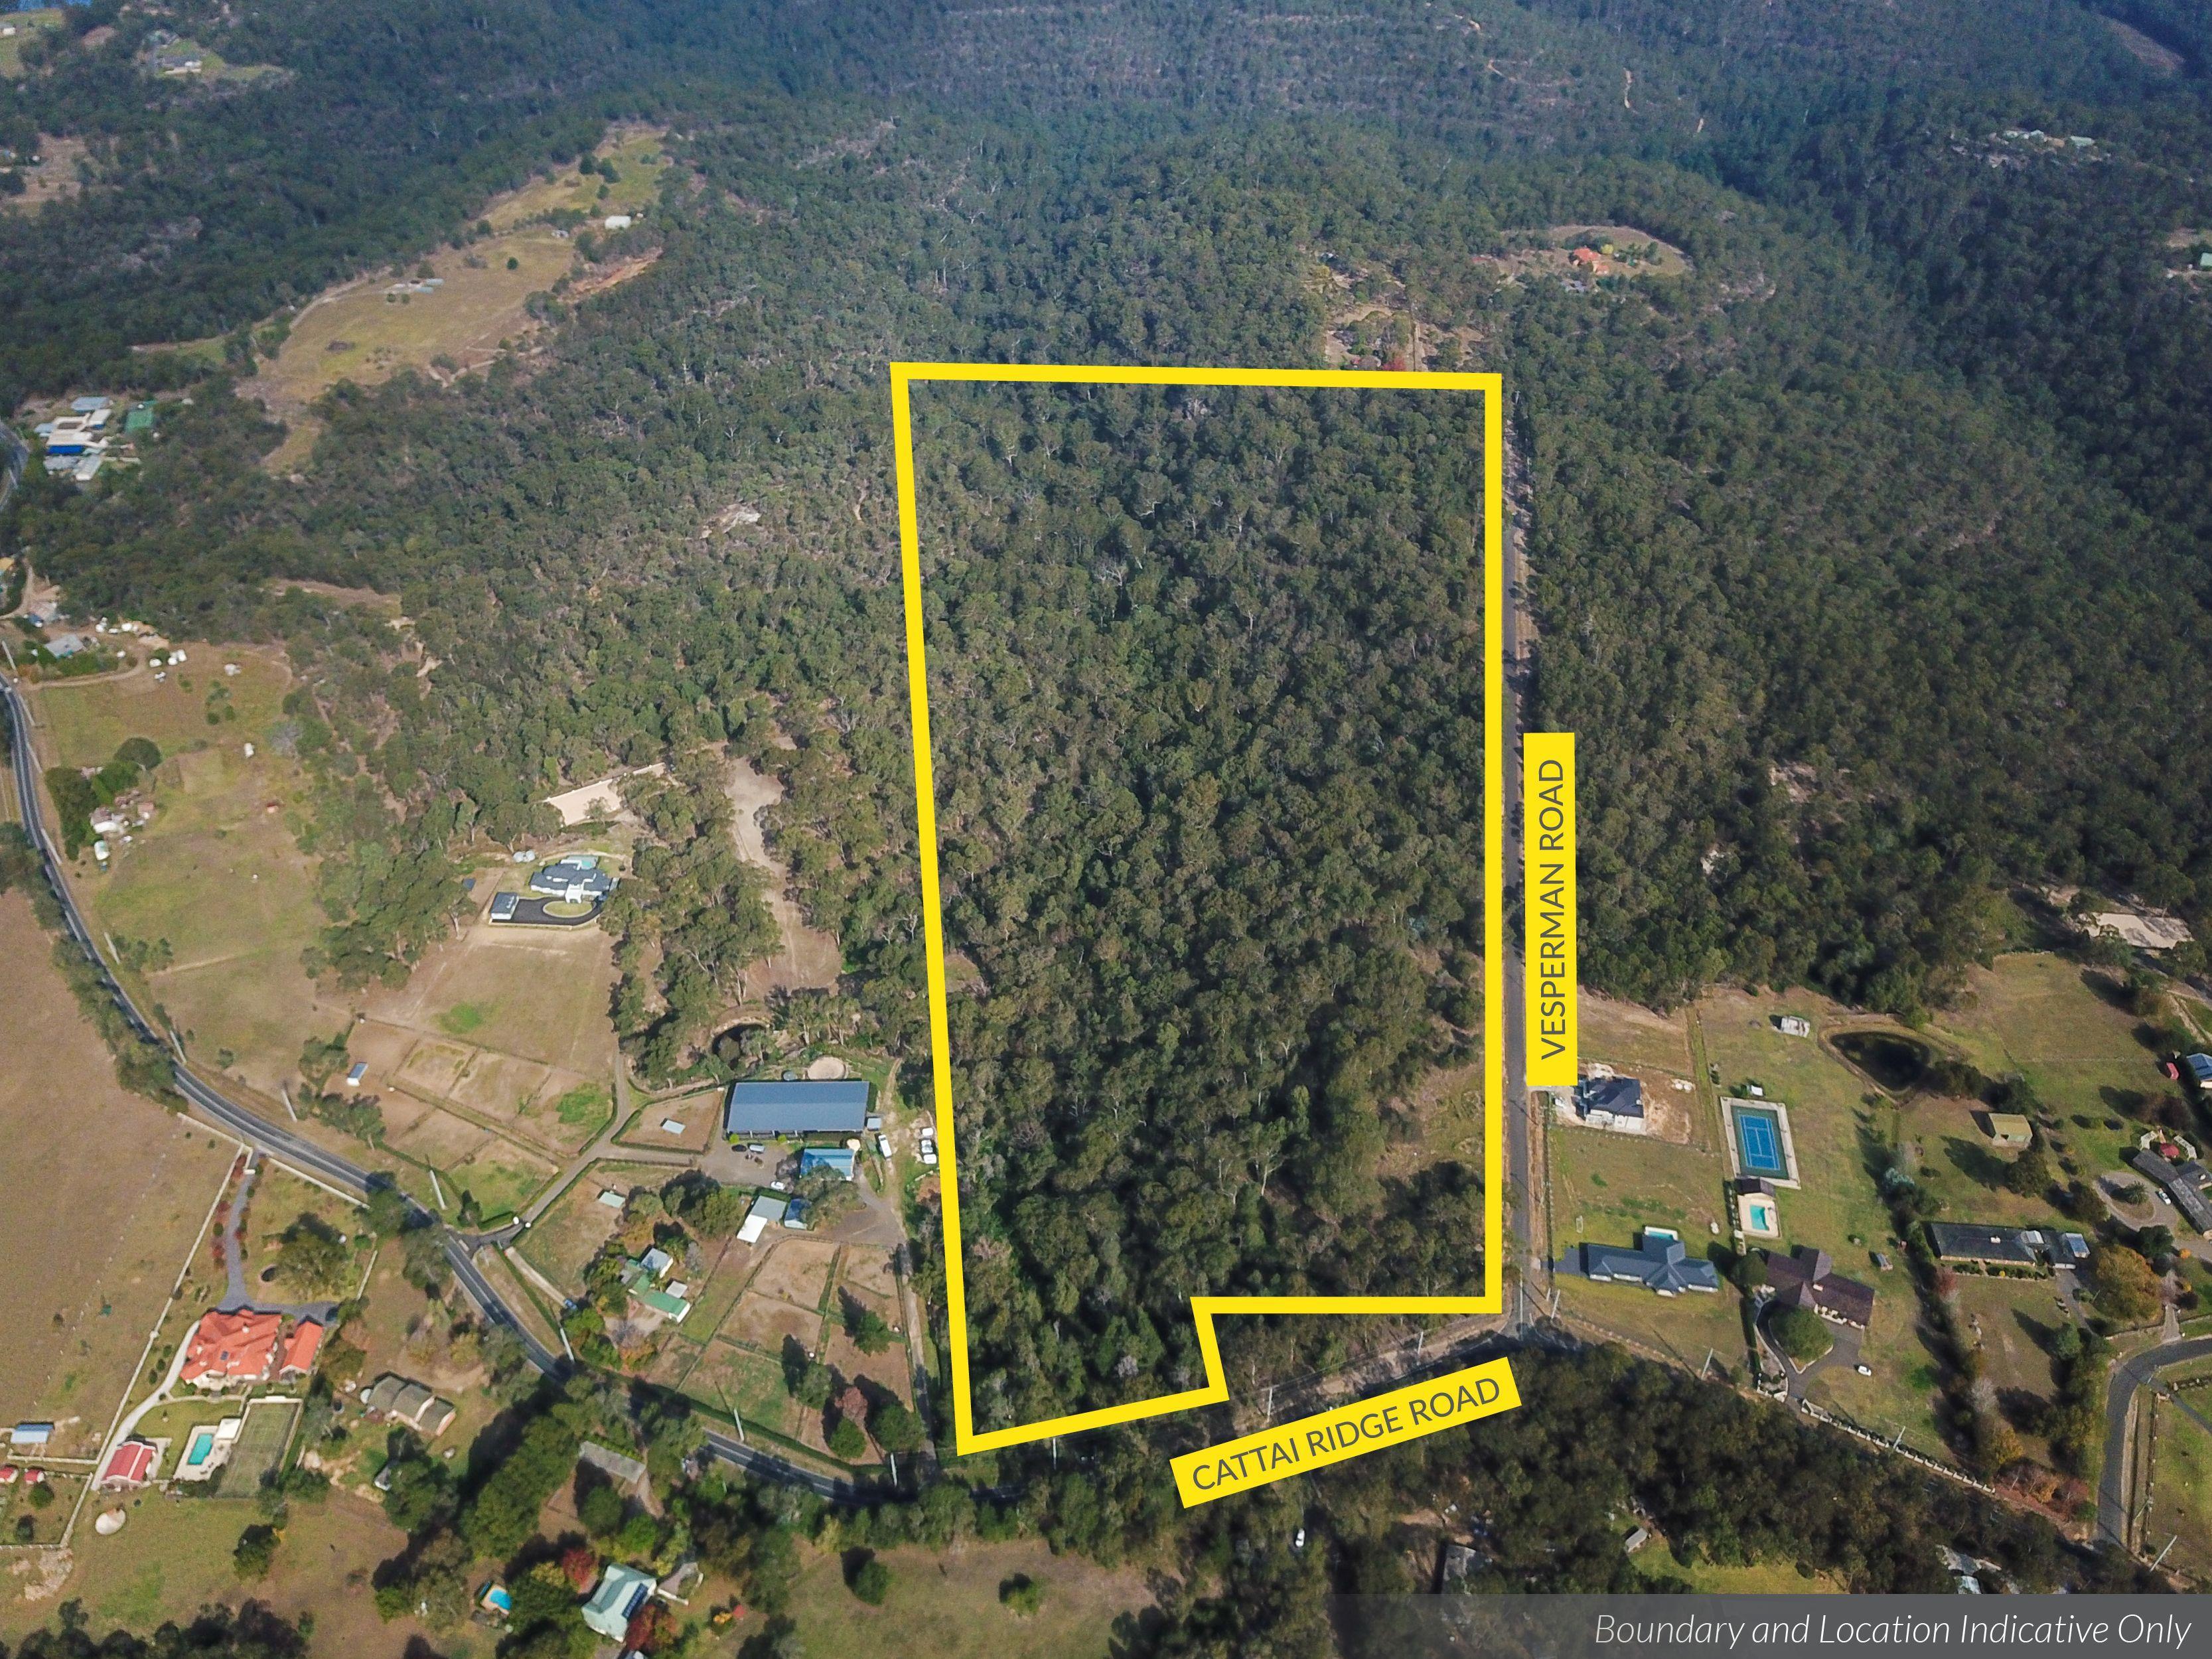 136-cattai-ridge-road-glenorie-nsw-2157_img2